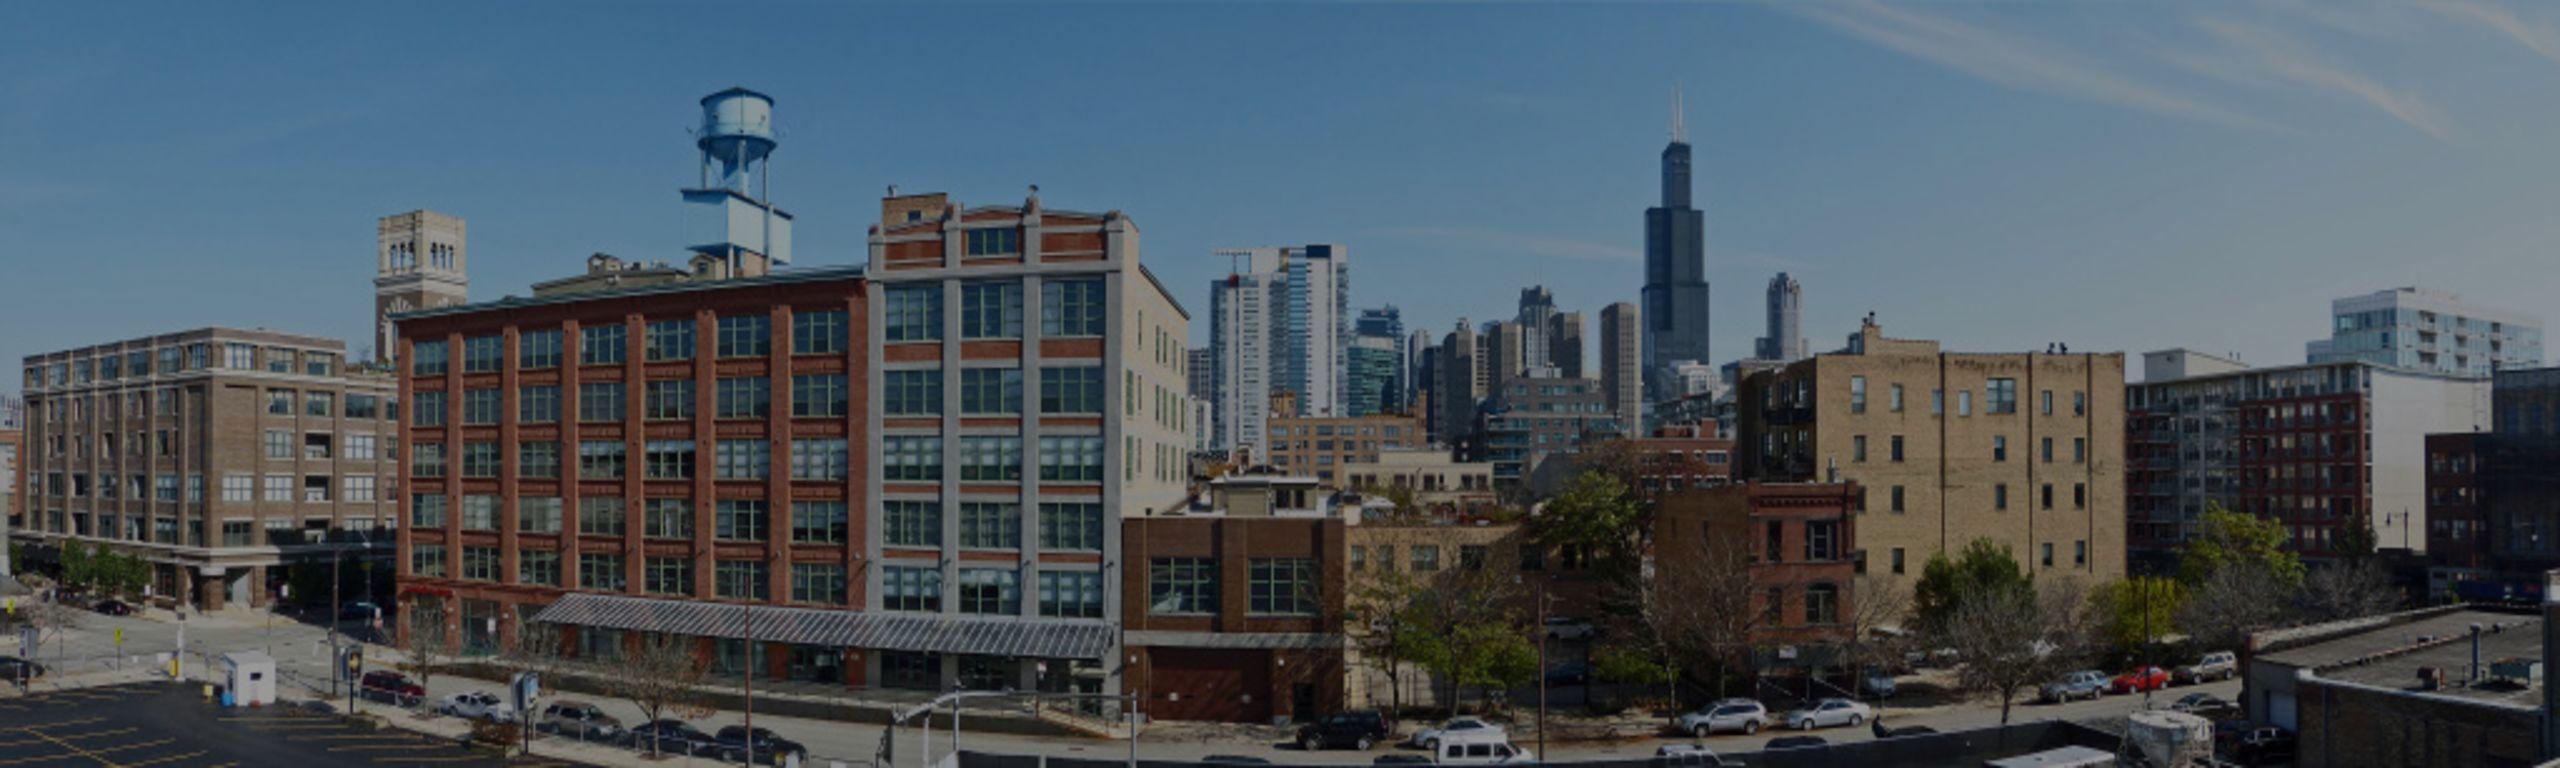 Uber Excitement in Chicago's West Loop